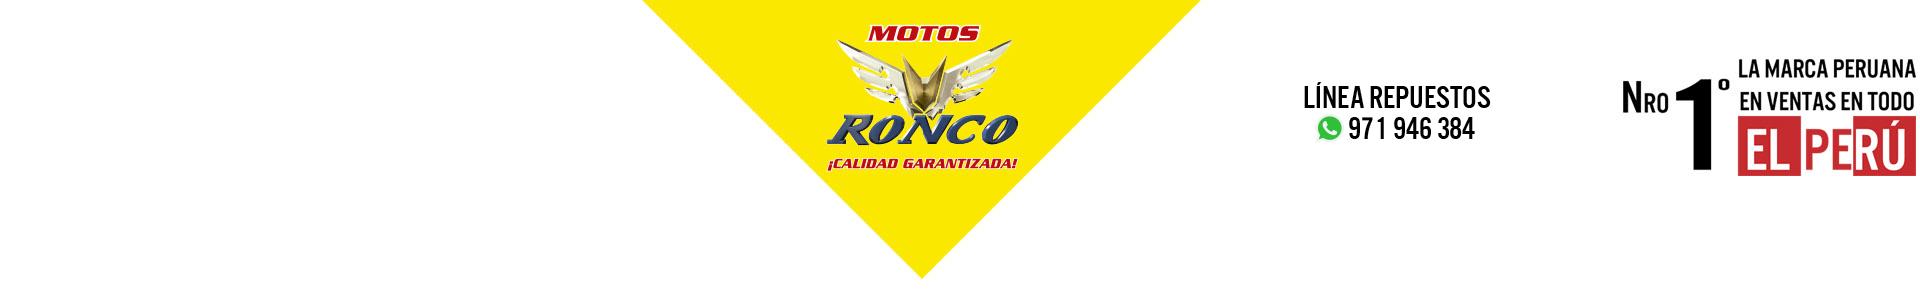 MOTOS RONCO